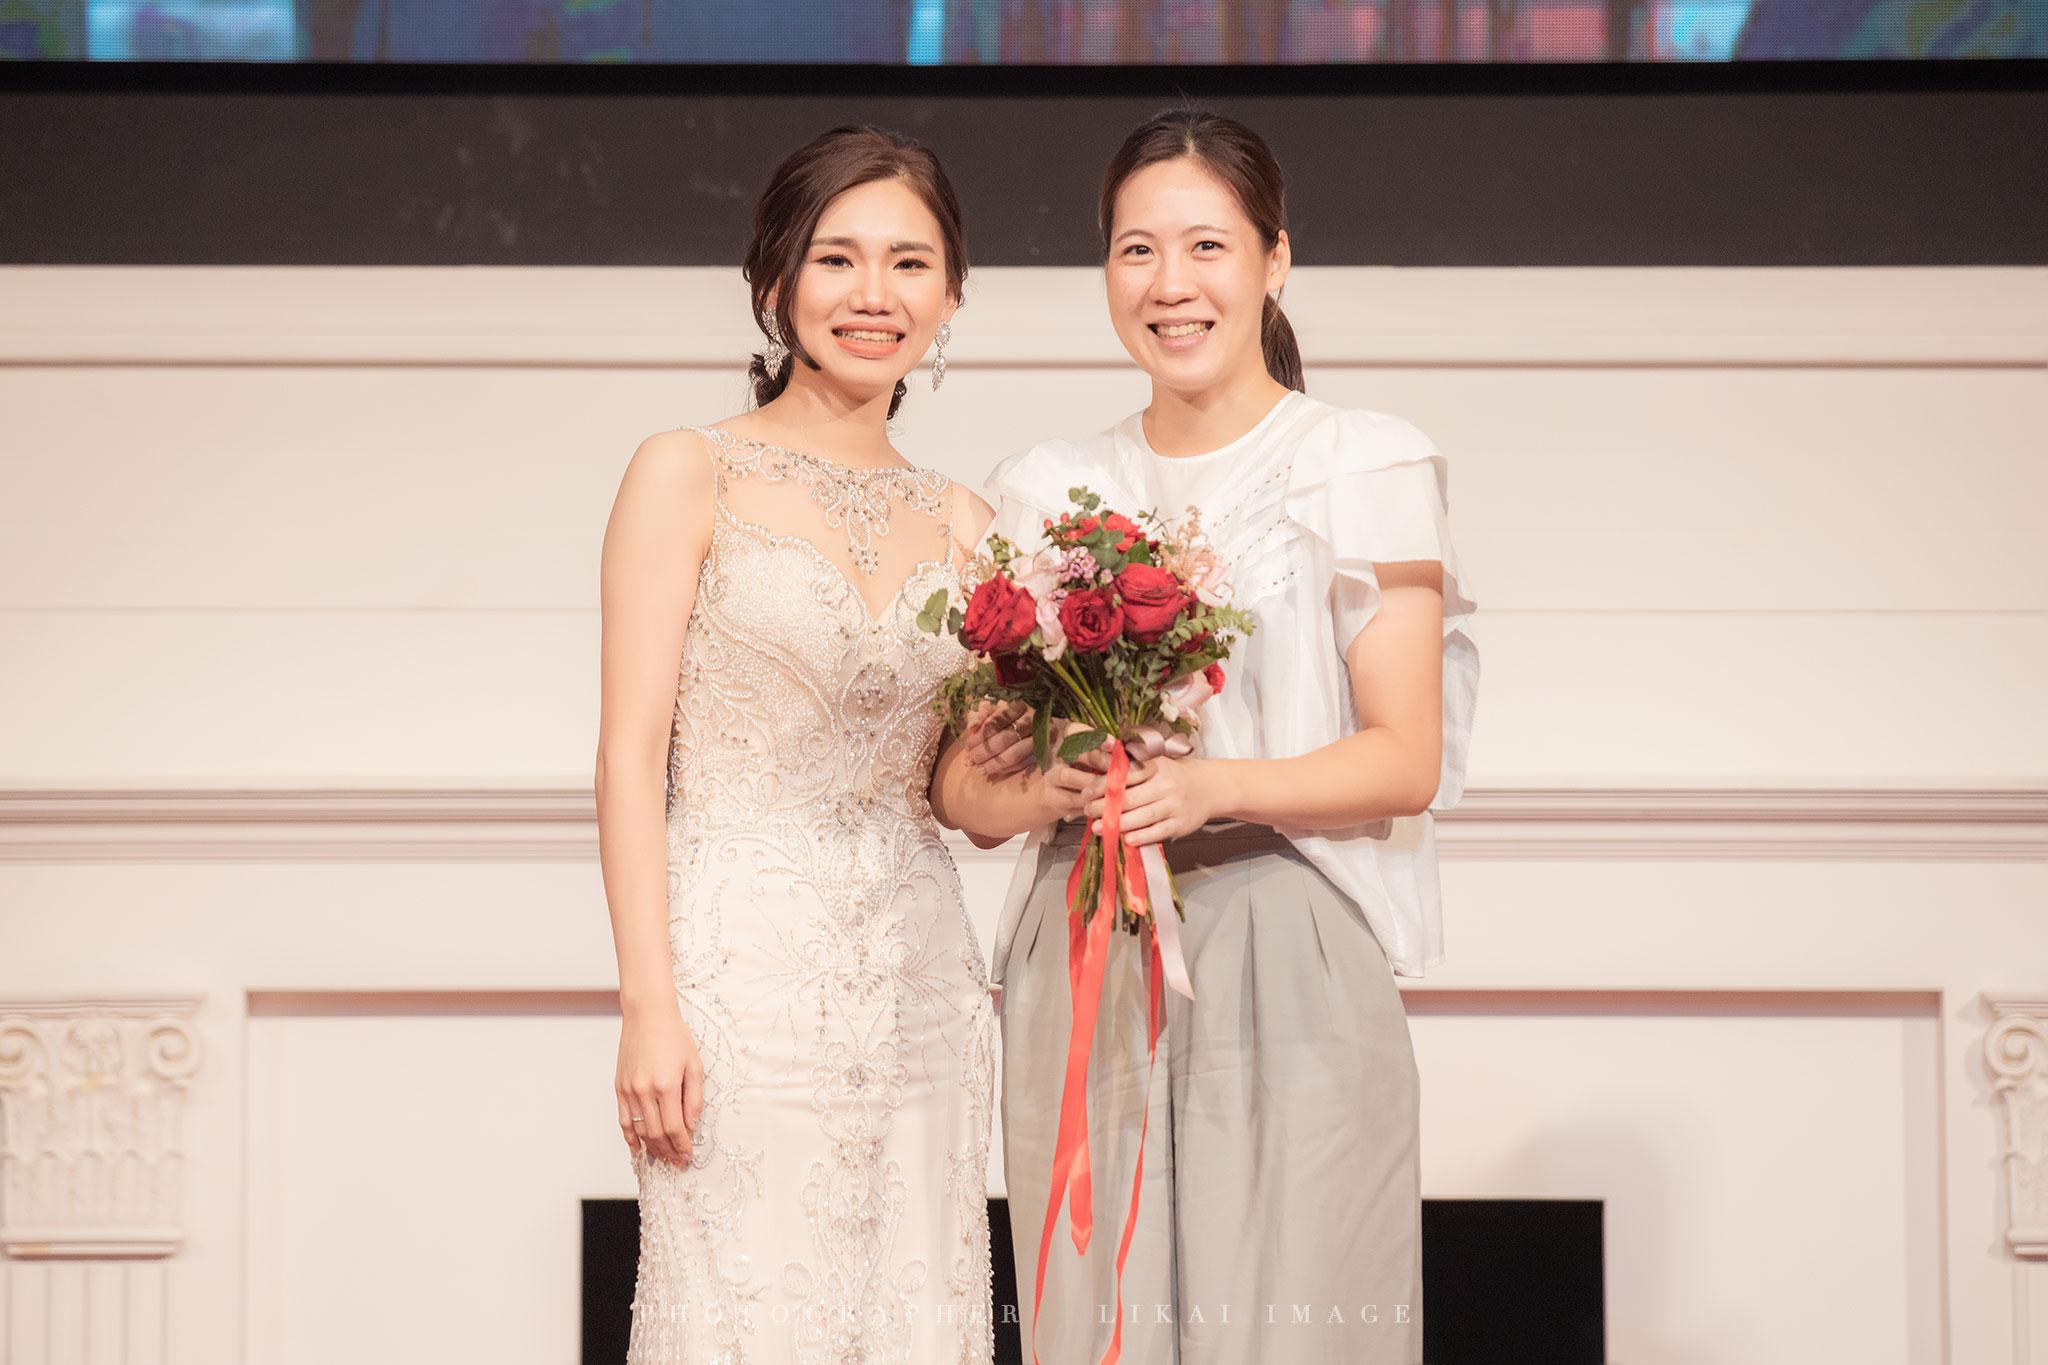 婚禮紀錄 - 奕呈 & 嘉仁 - 臻愛花園飯店